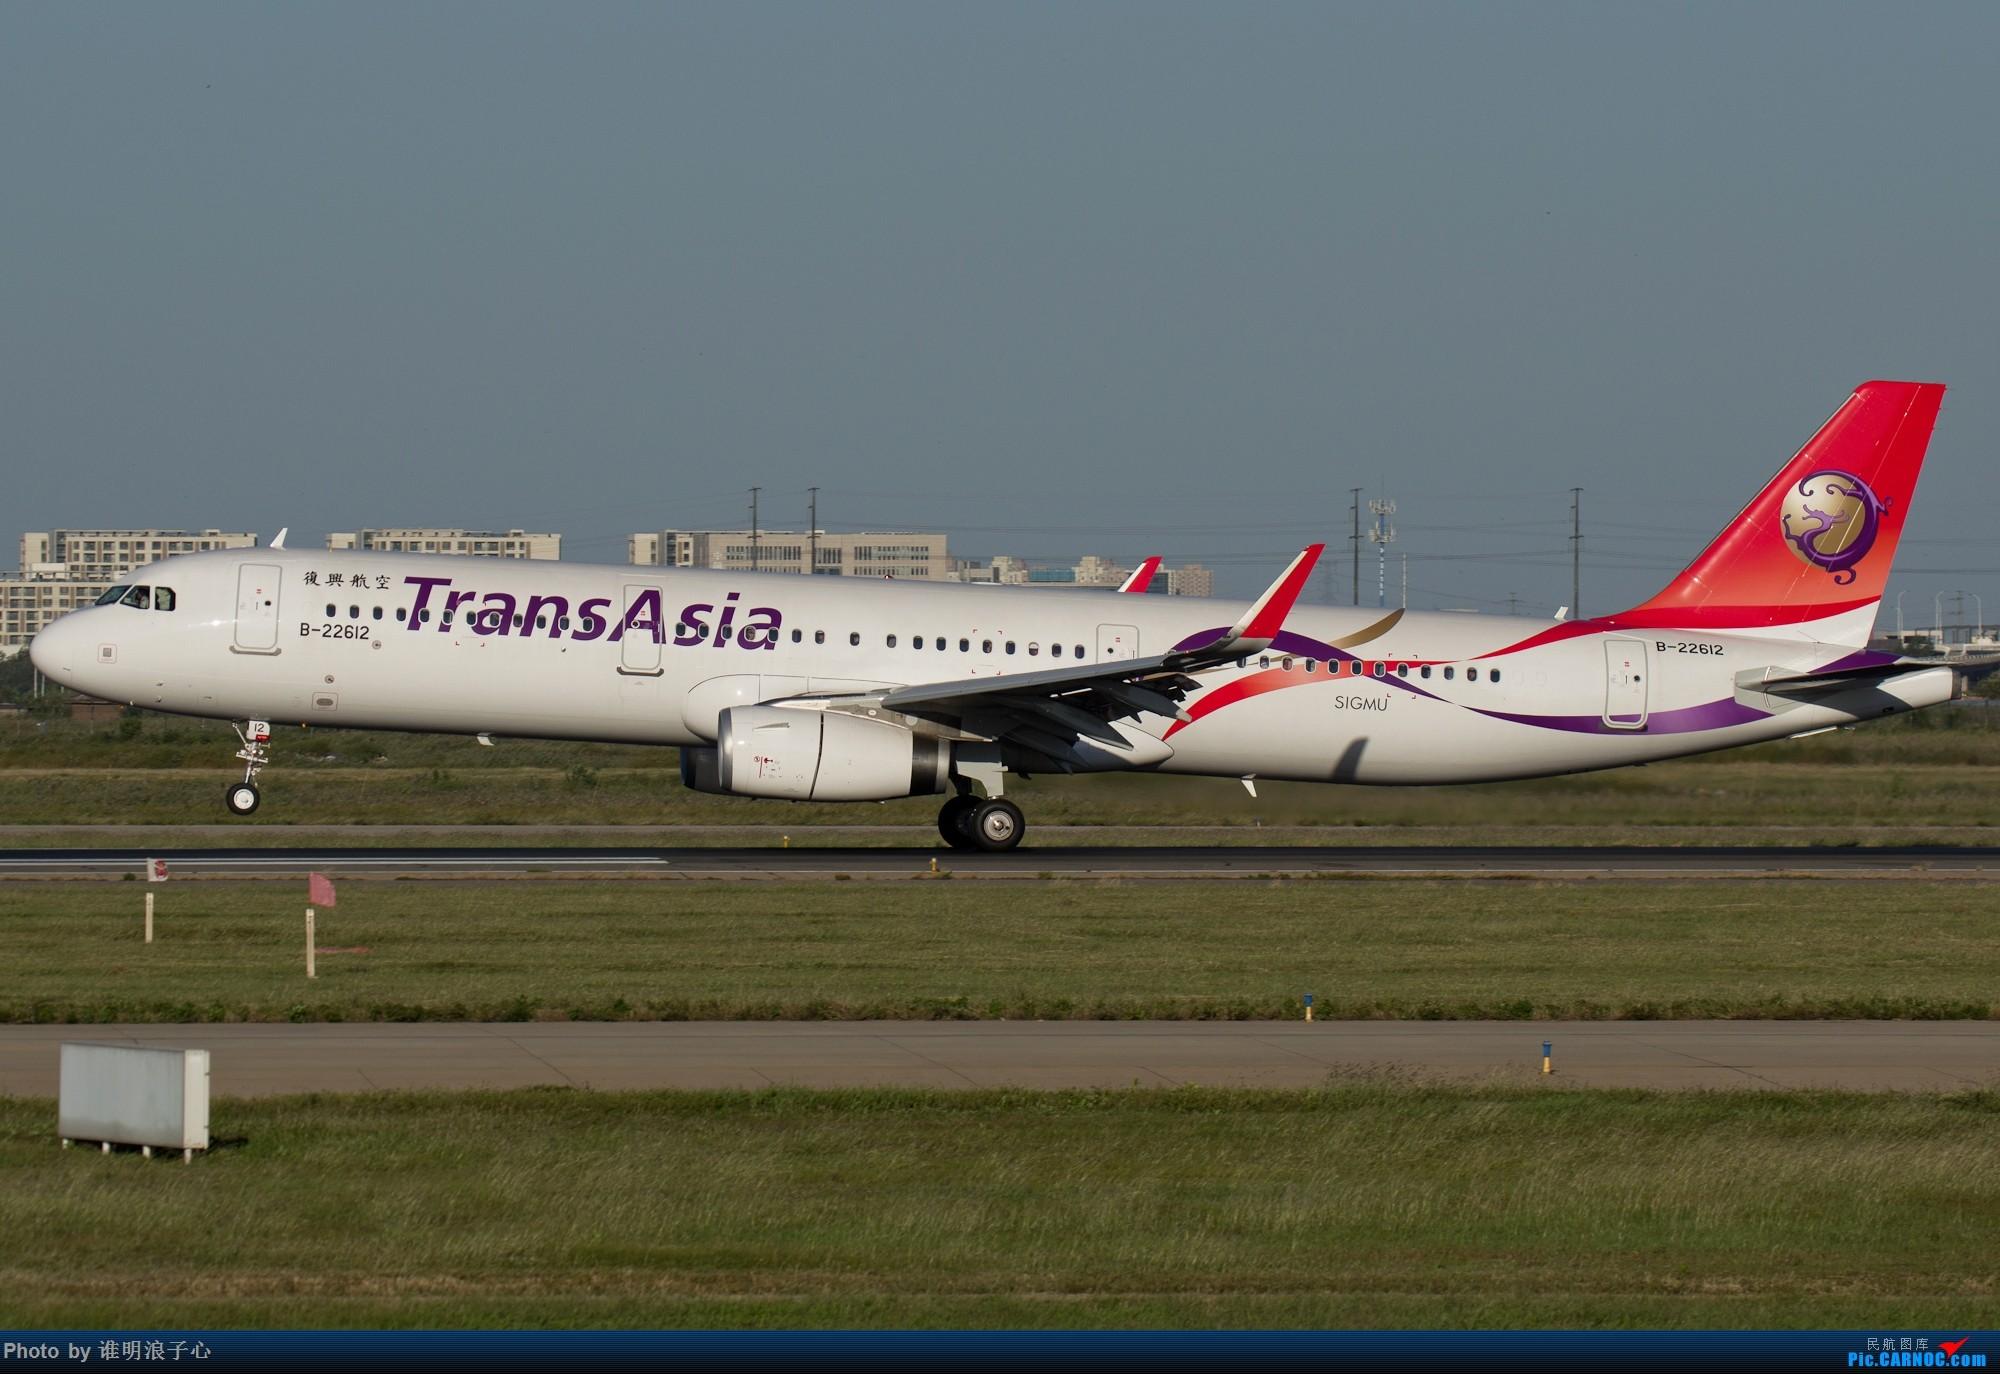 [原创]【TSN飞友会】清库存 AIRBUS A321-200 B-22612 中国天津滨海国际机场